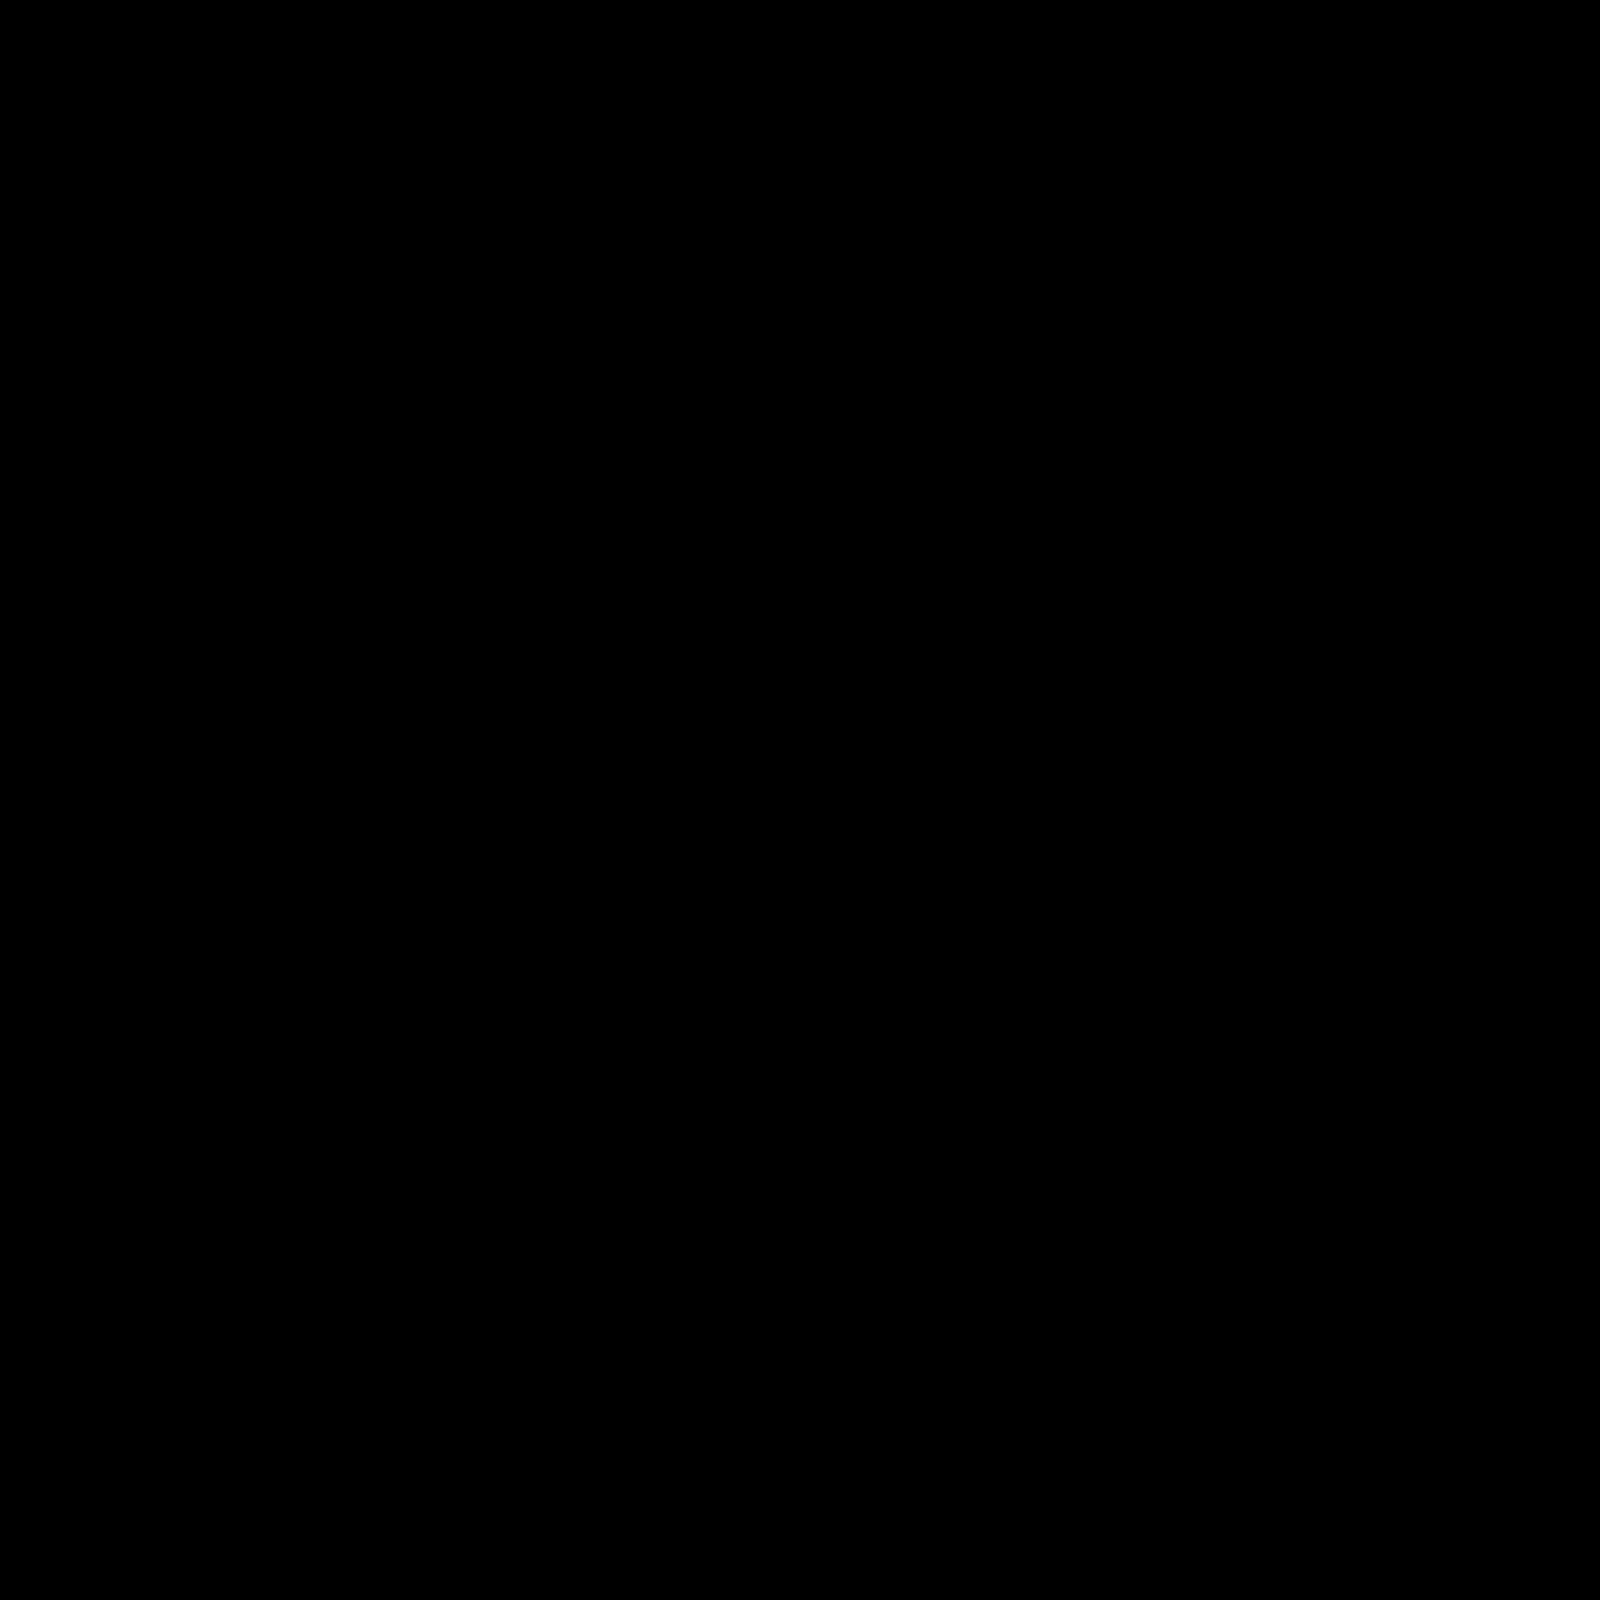 ミルクシェーク icon